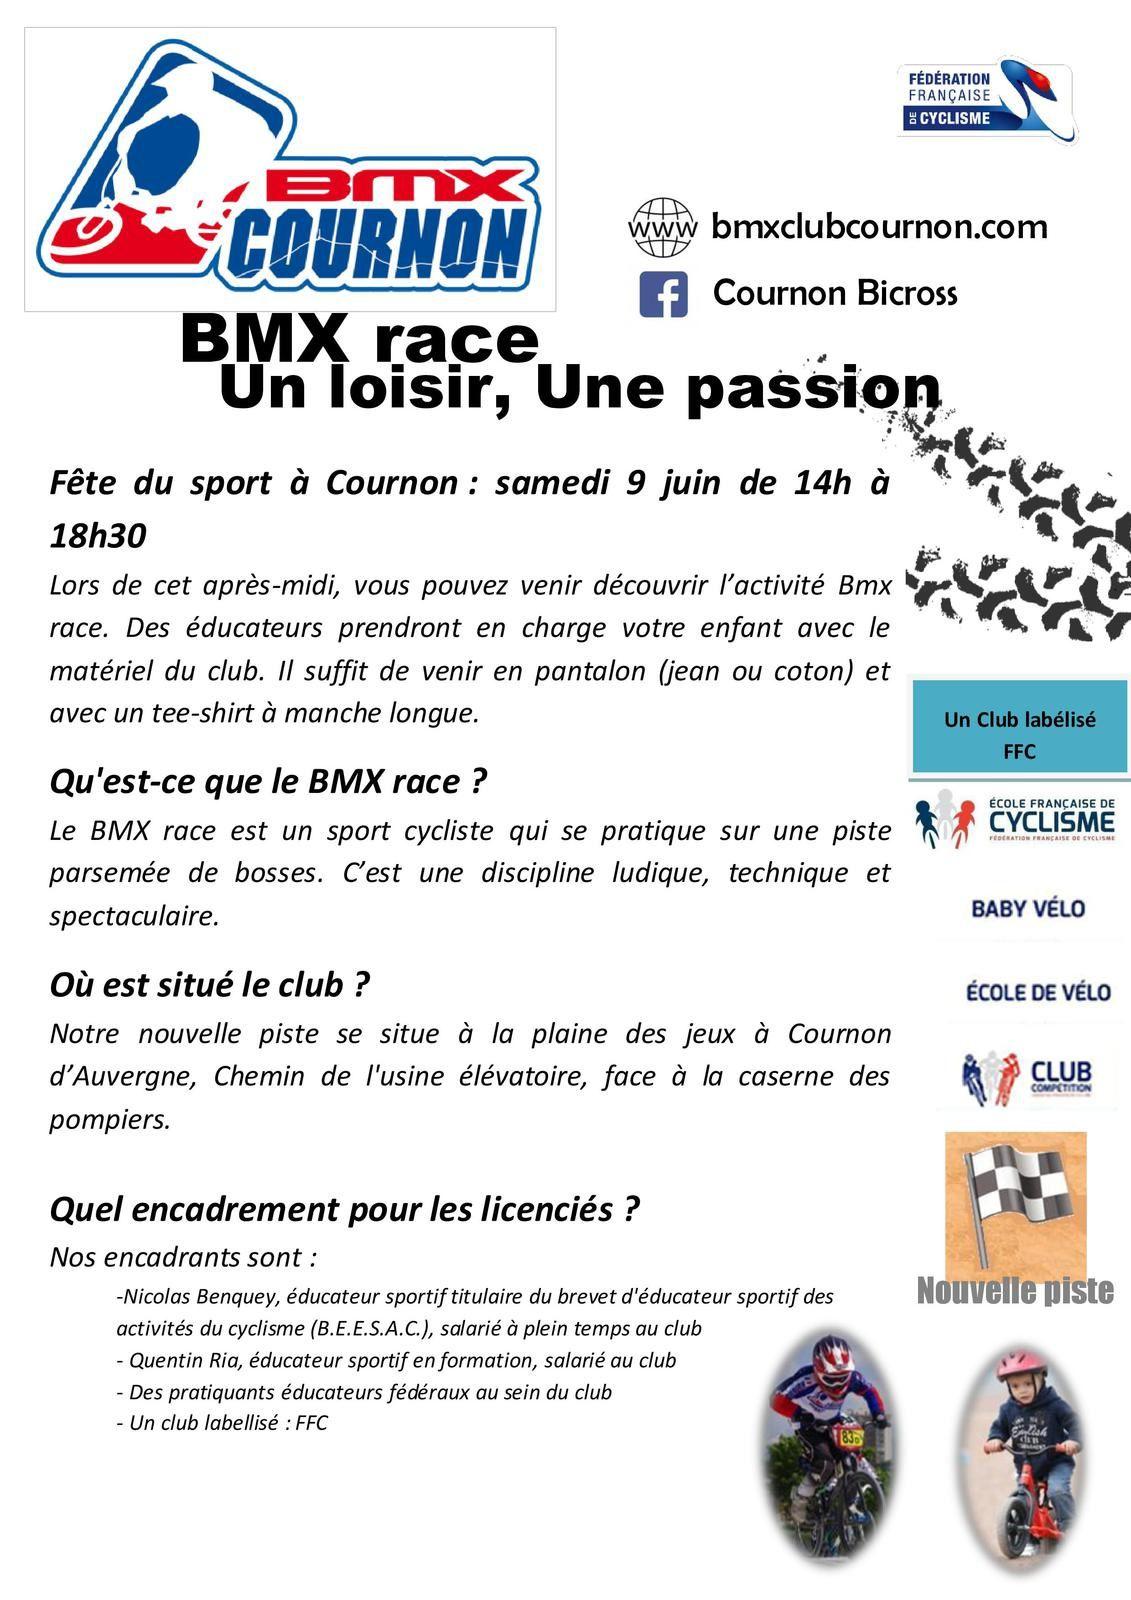 Fête du sport à Cournon : une occasion de tester le BMX !!!